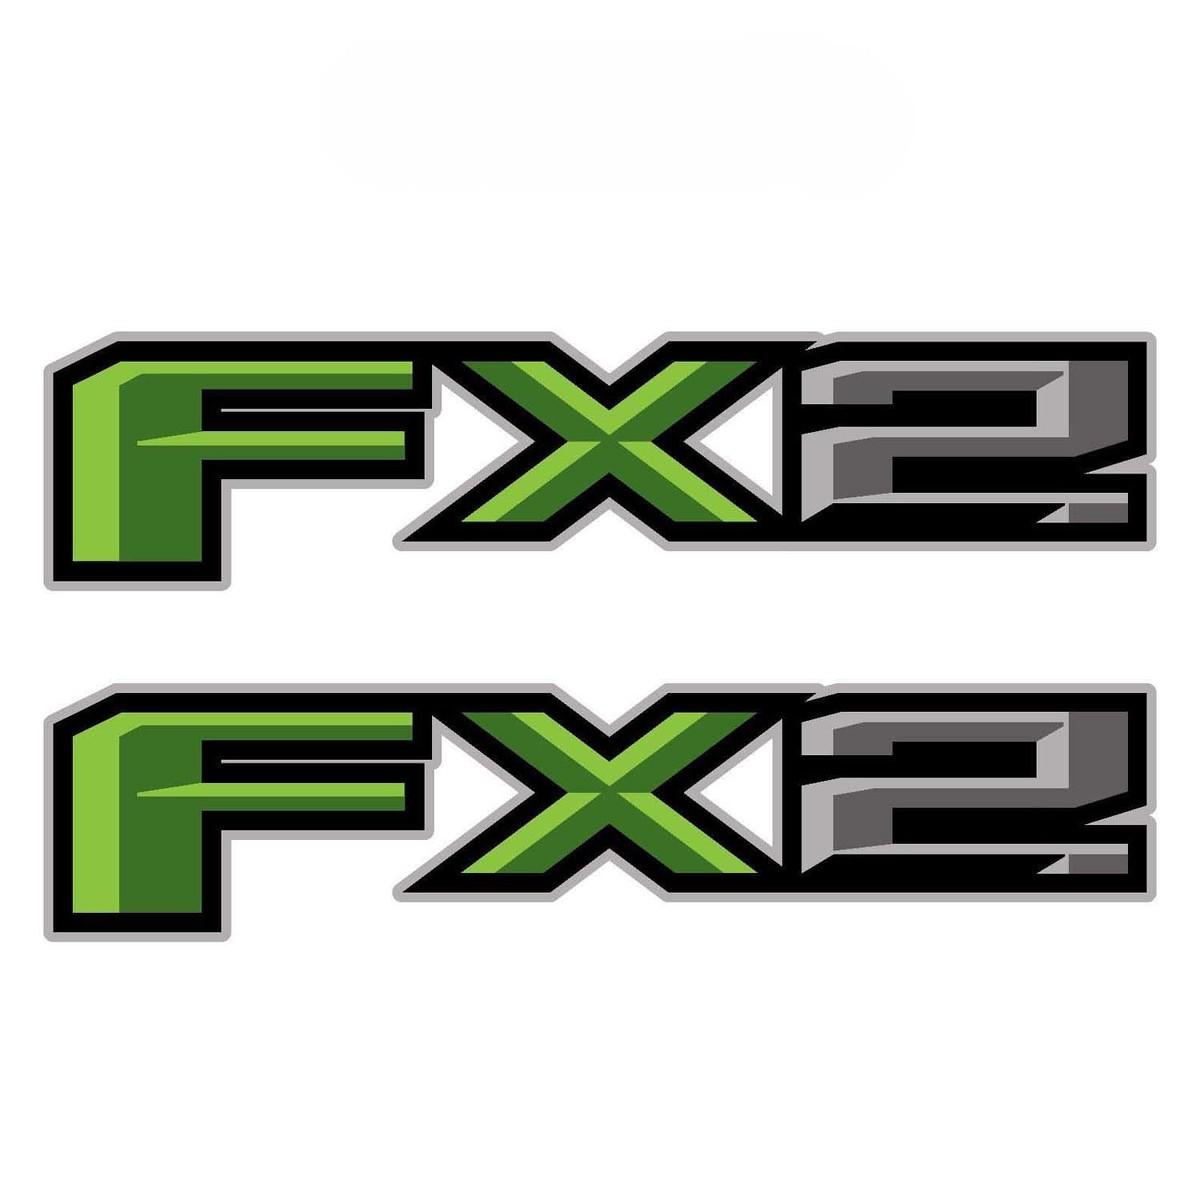 2er-Set: 2018 Ford F-150 FX2 Offroad-Vinyl-Aufkleber-Pickup-Seitenbett - grün